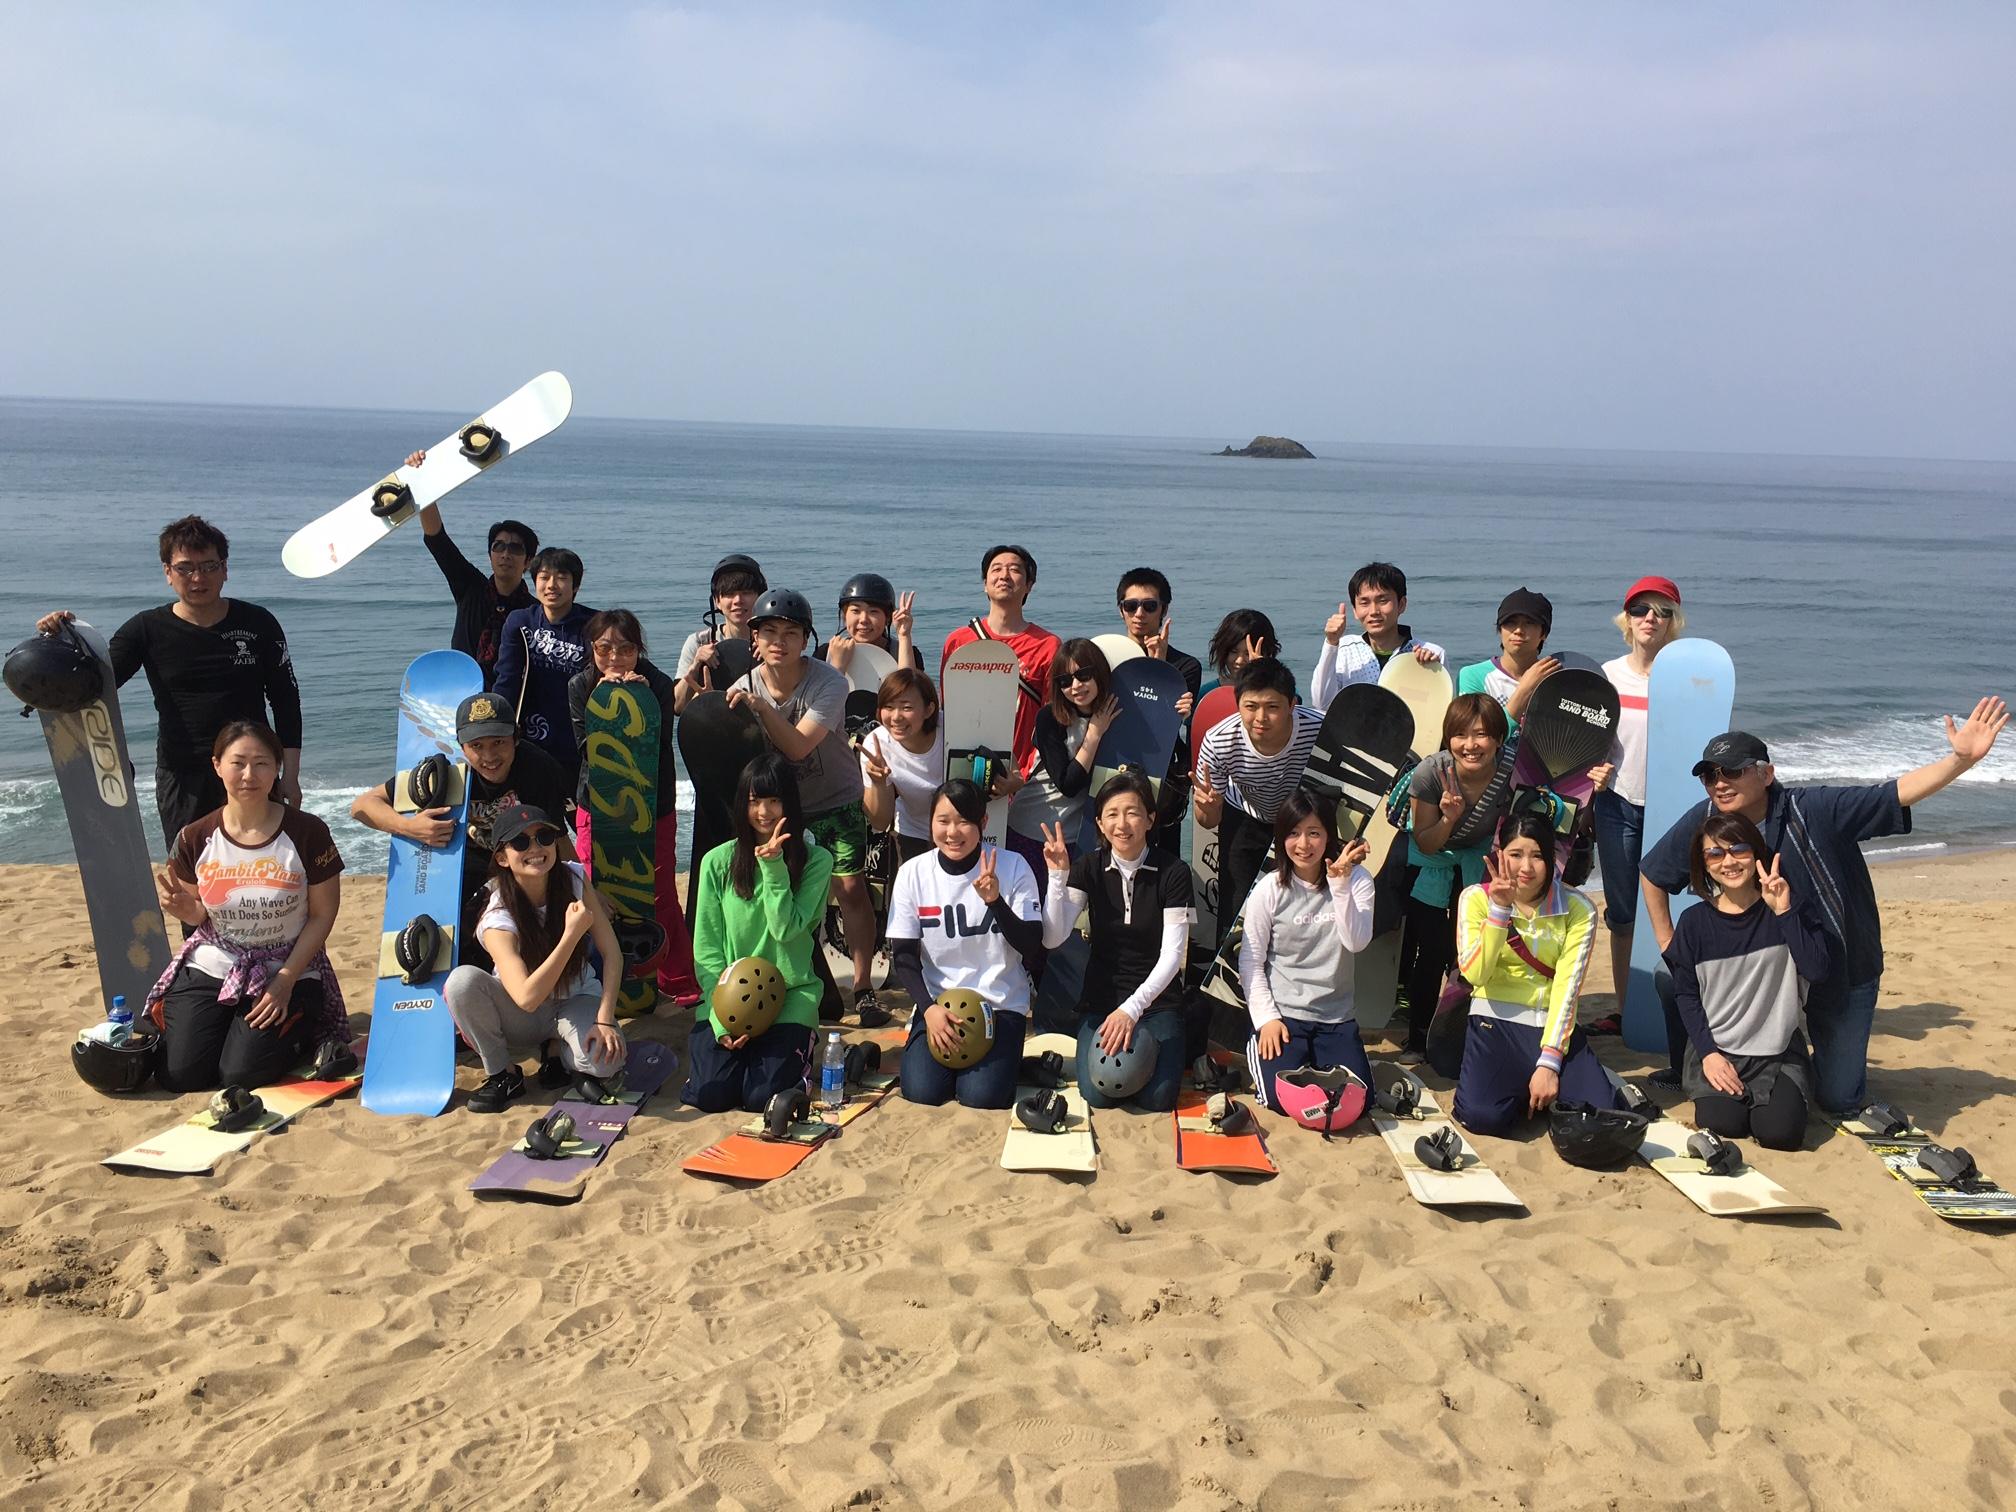 株式会社Casting net鳥取砂丘サンドボードスクール事業部イメージ画像